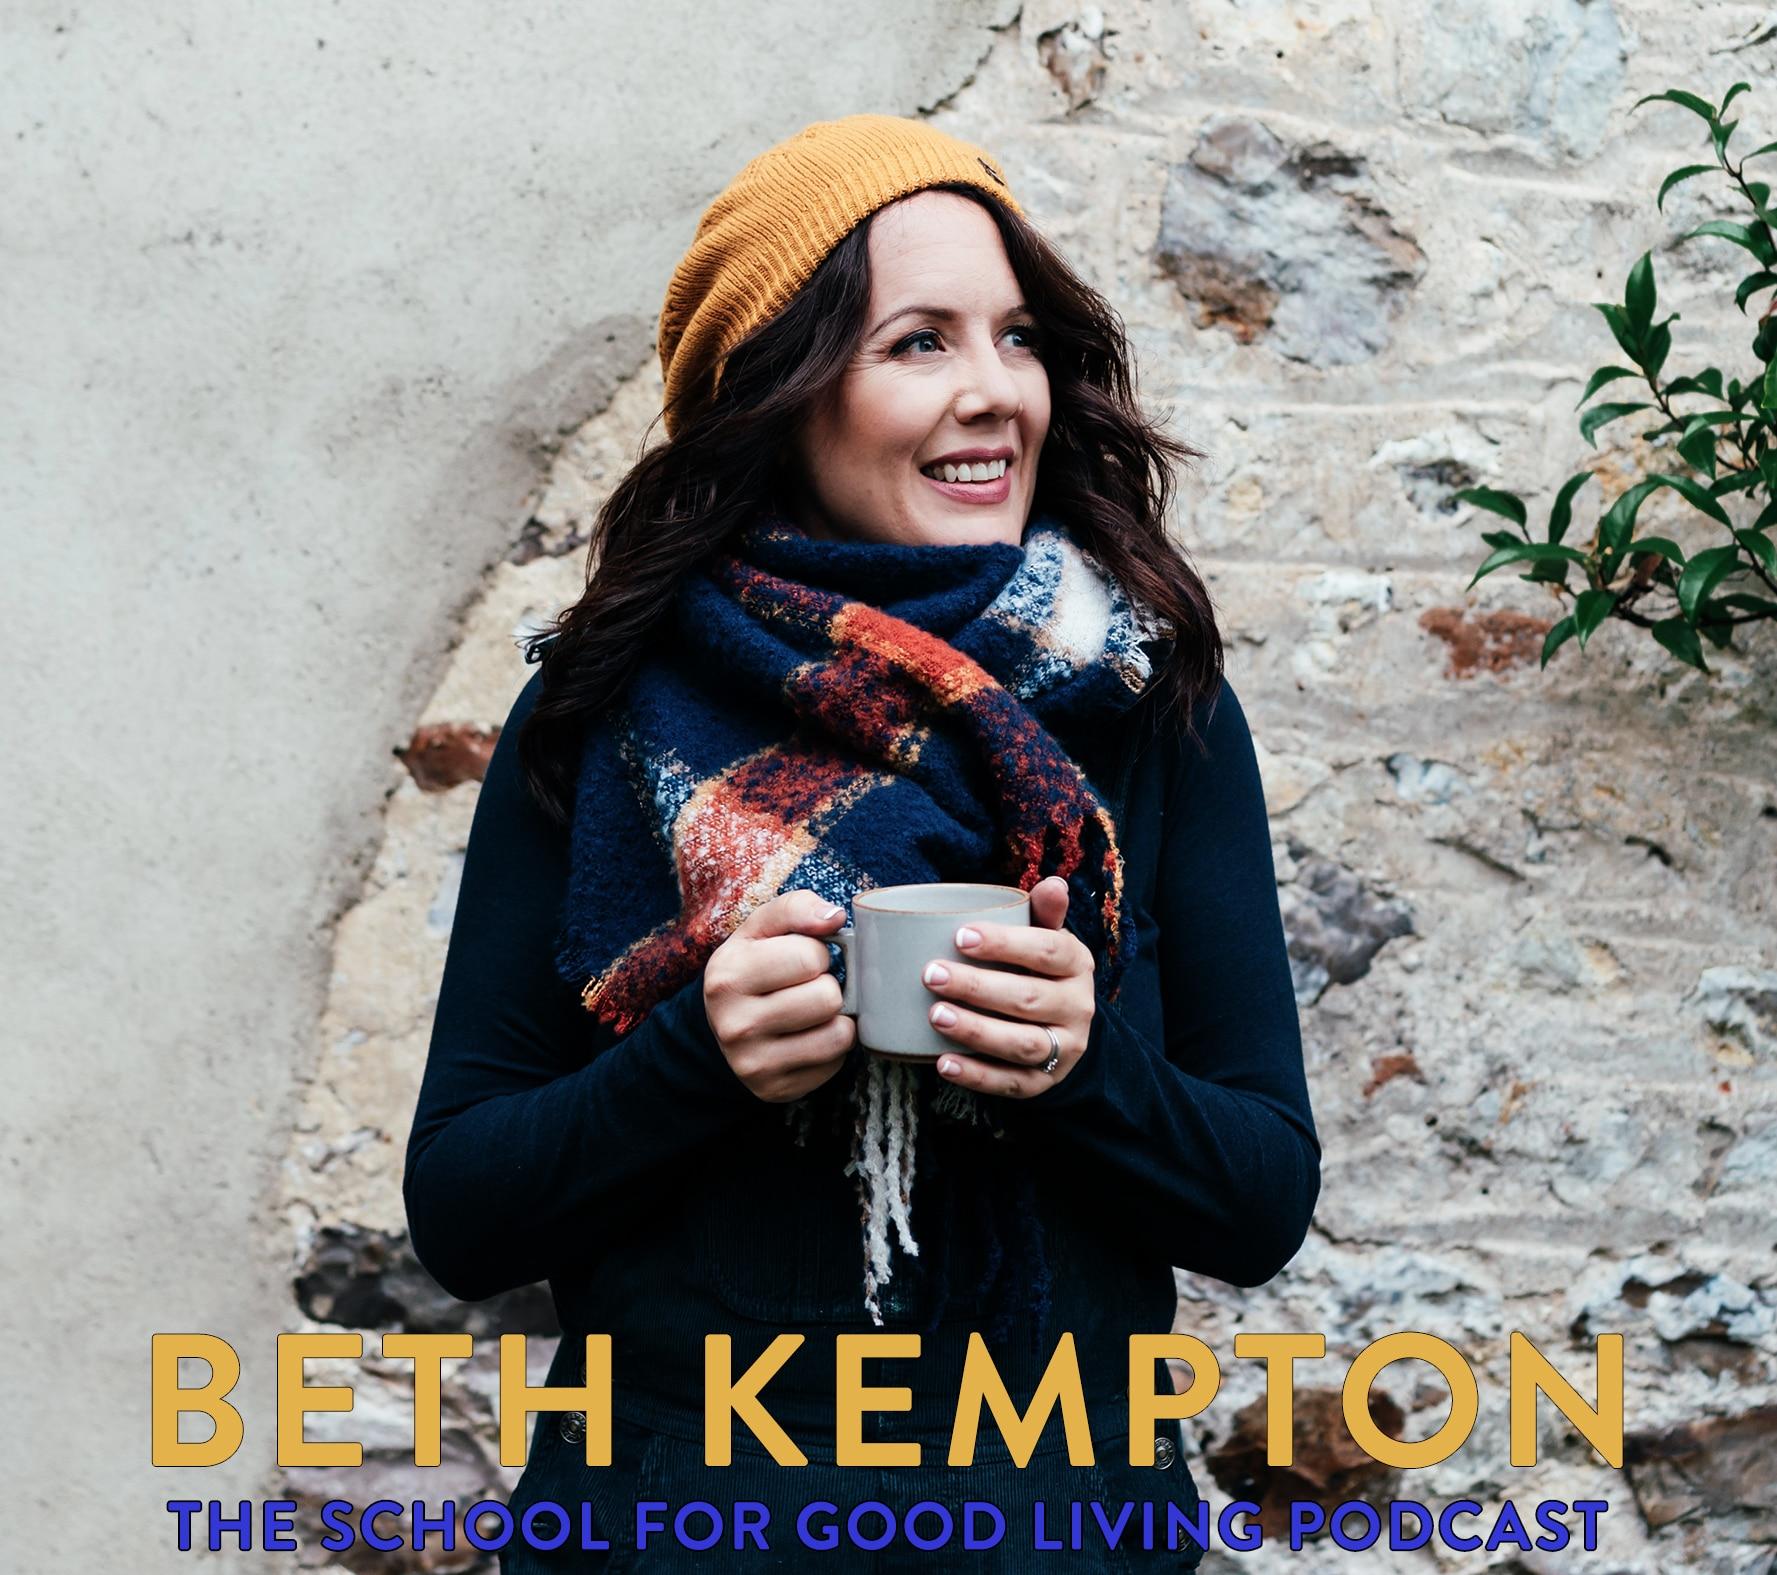 113 BethKempton Insta Art